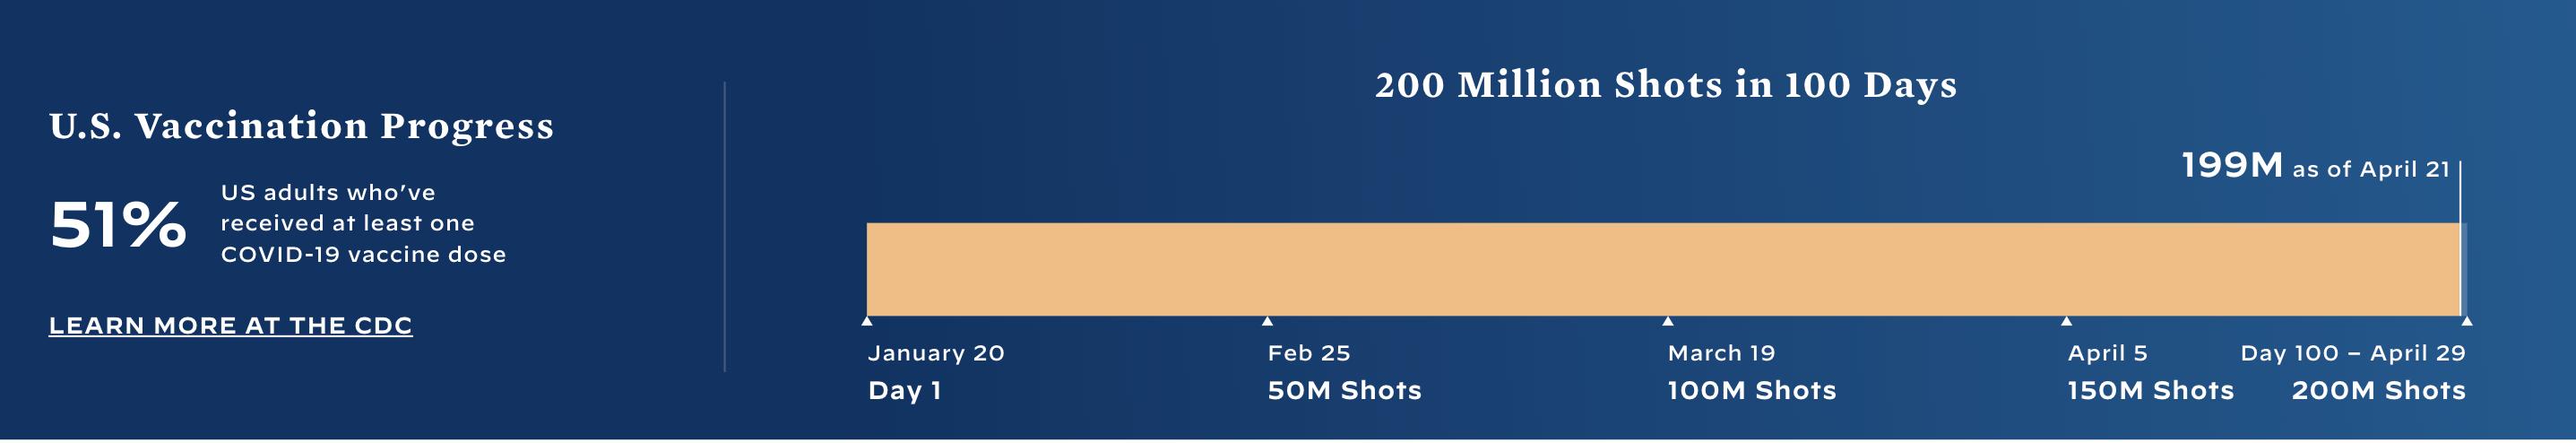 Así el ritmo de aplicación de vacunas contra COVID-19 al día de hoy en Estados Unidos. Mañana superarán las 200 millones de dosis aplicadas. Datos de la Casa Blanca /CDC.